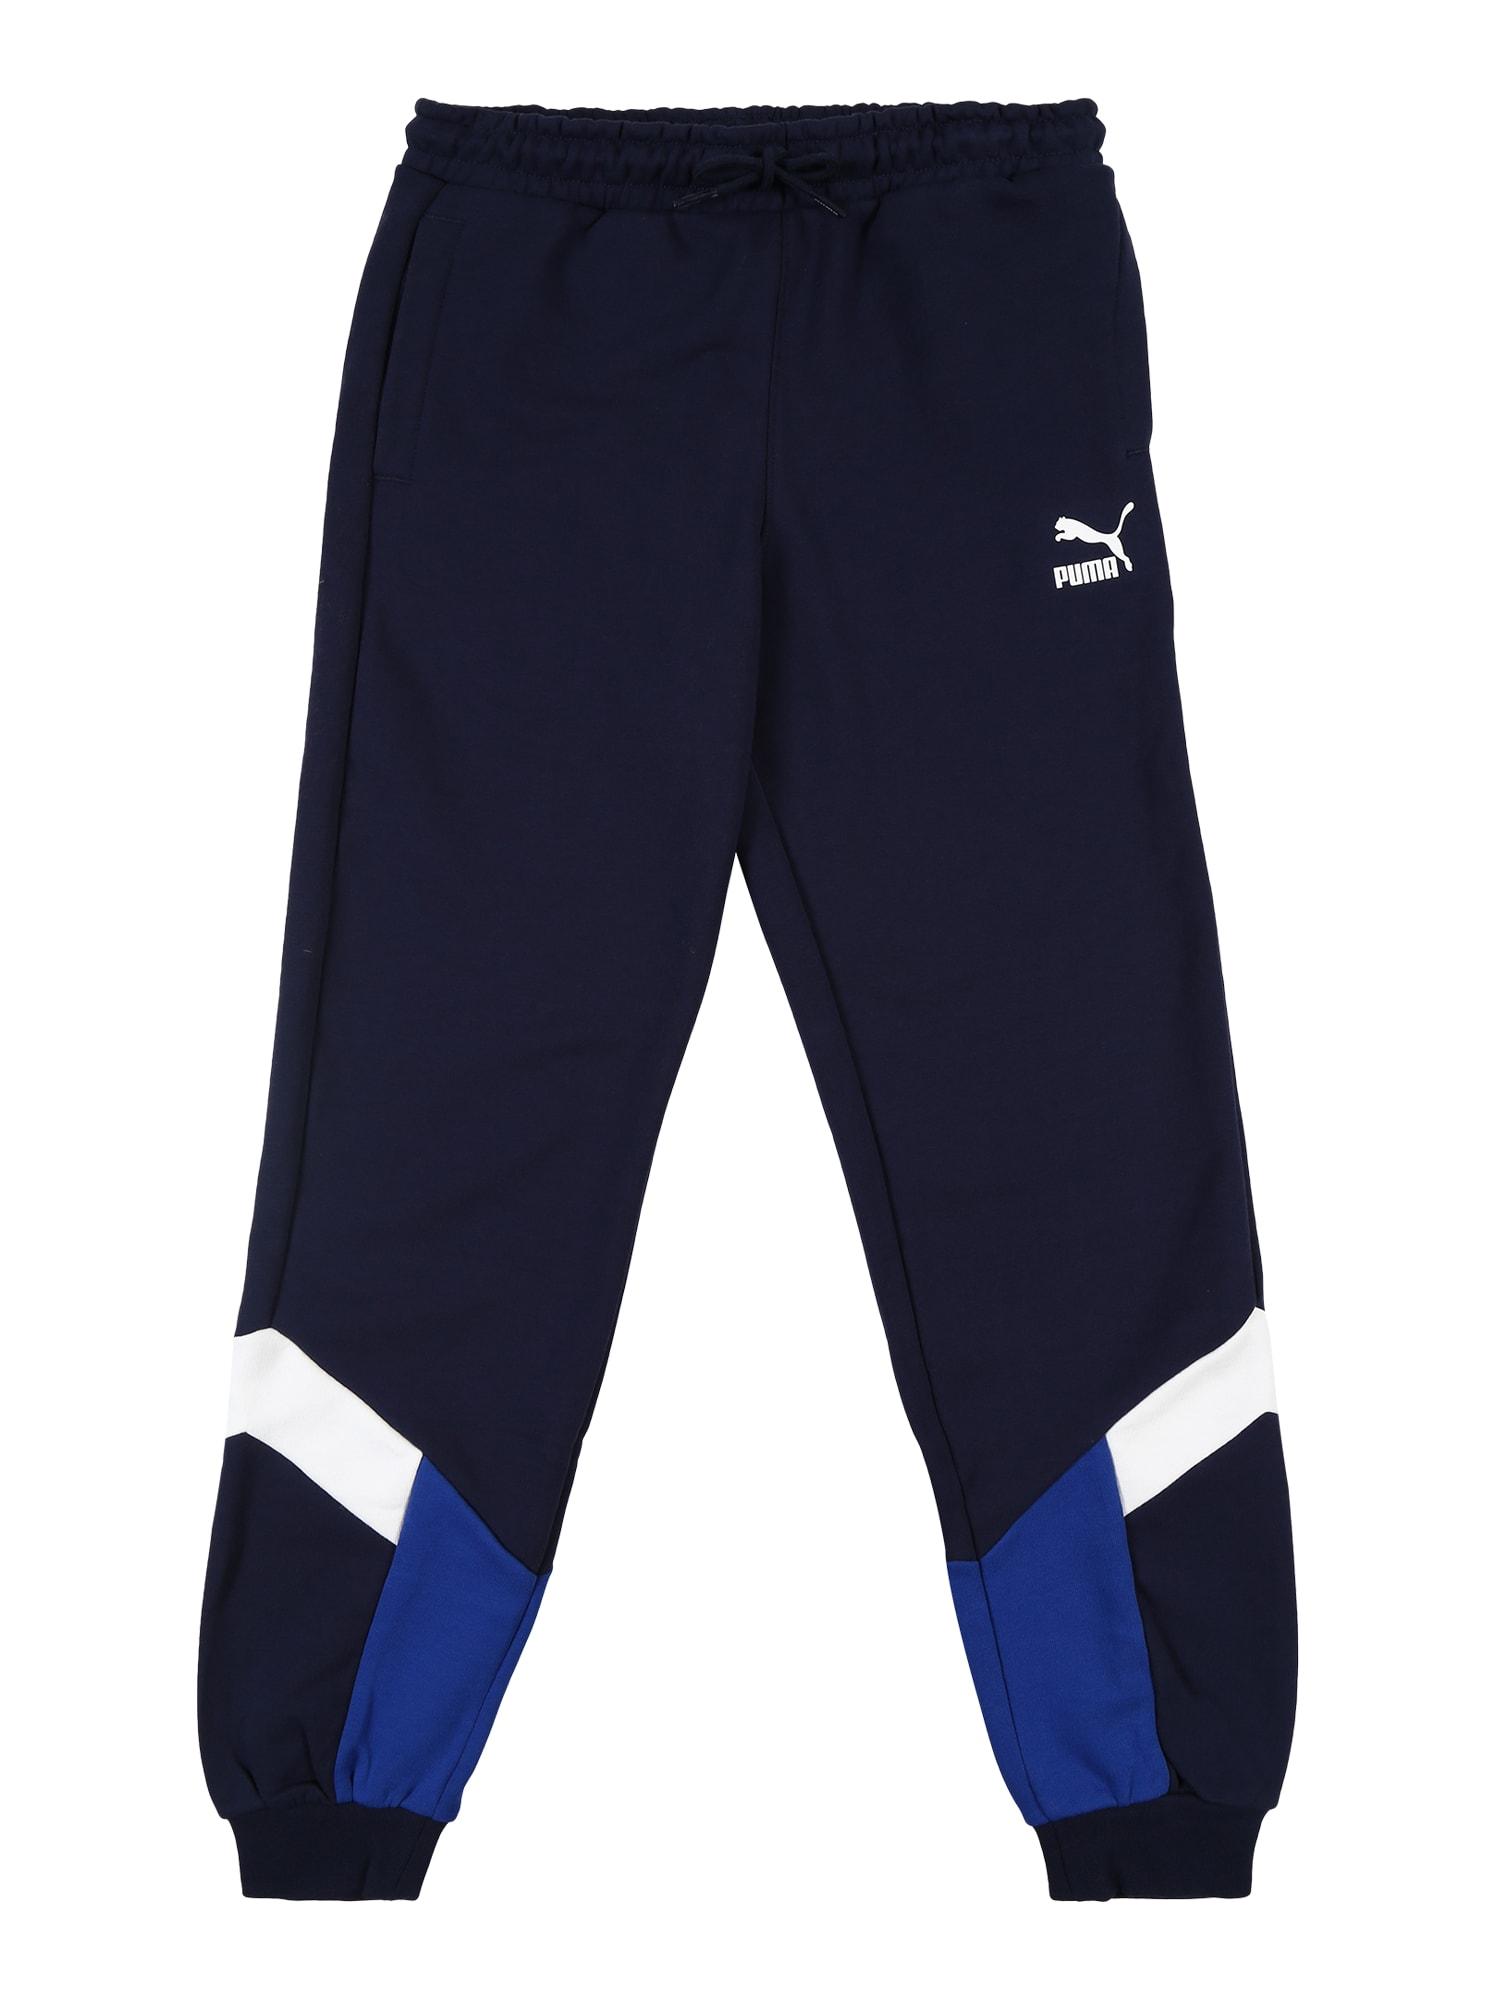 PUMA Sportovní kalhoty  modrá / námořnická modř / bílá